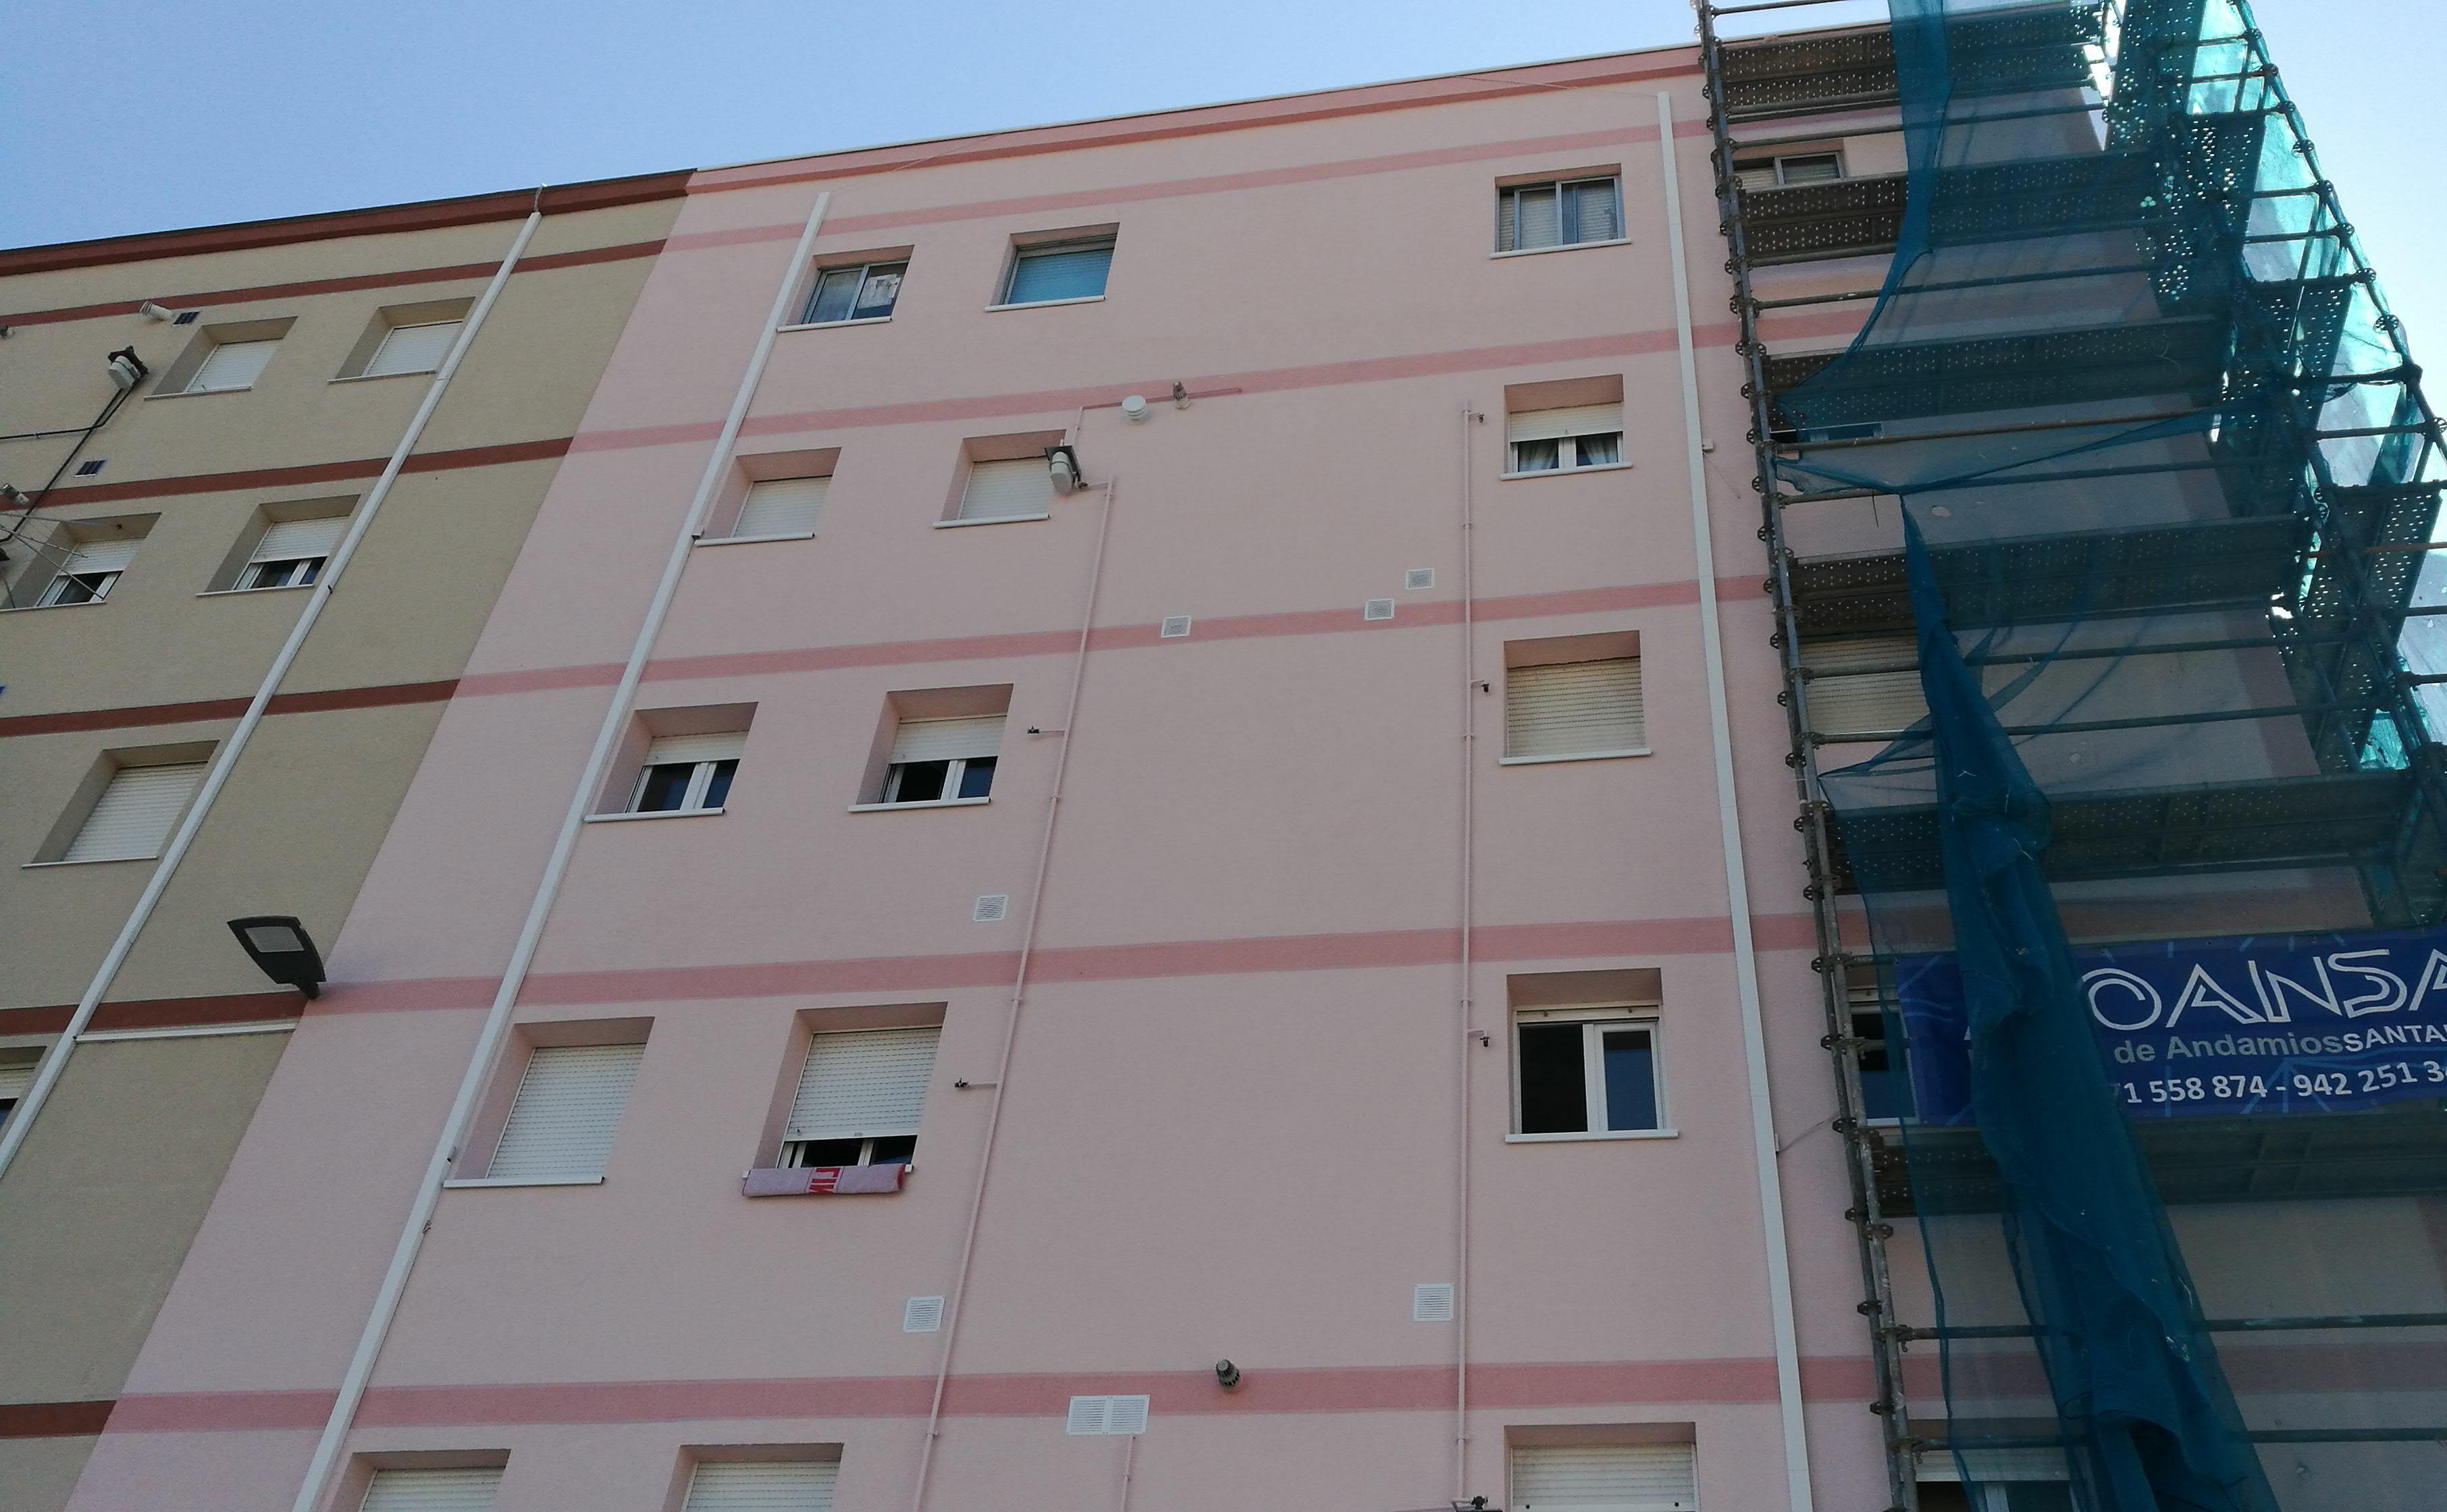 Reparación de fachadas Santander